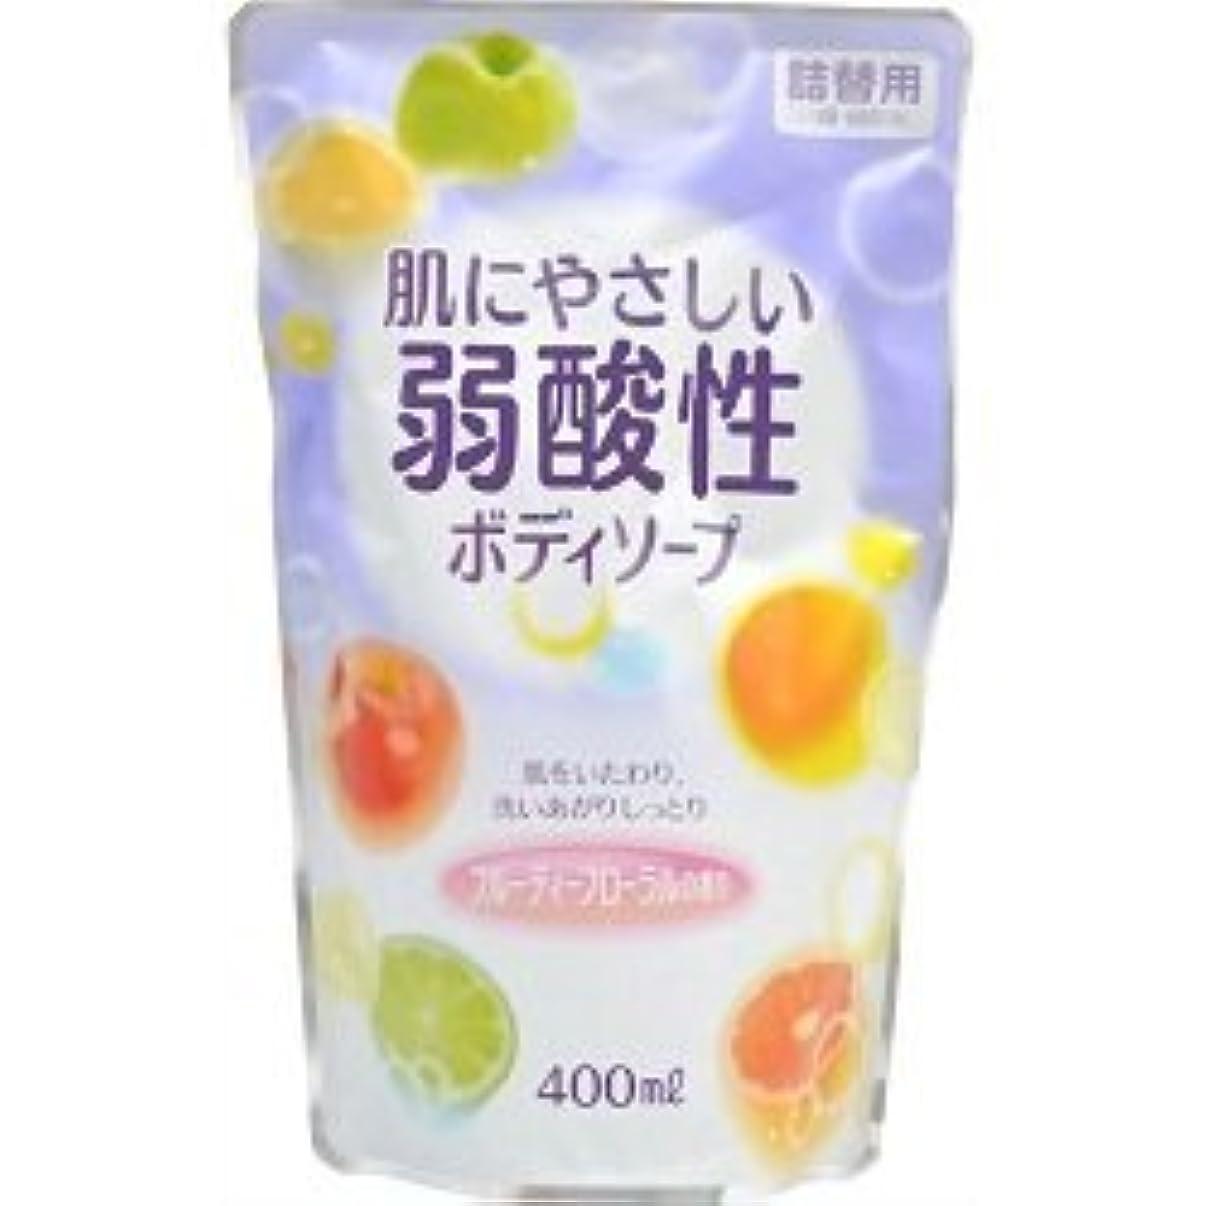 マニフェストコンセンサス怠けた【エオリア】弱酸性ボディソープ フルーティフローラルの香り 詰替用 400ml ×5個セット